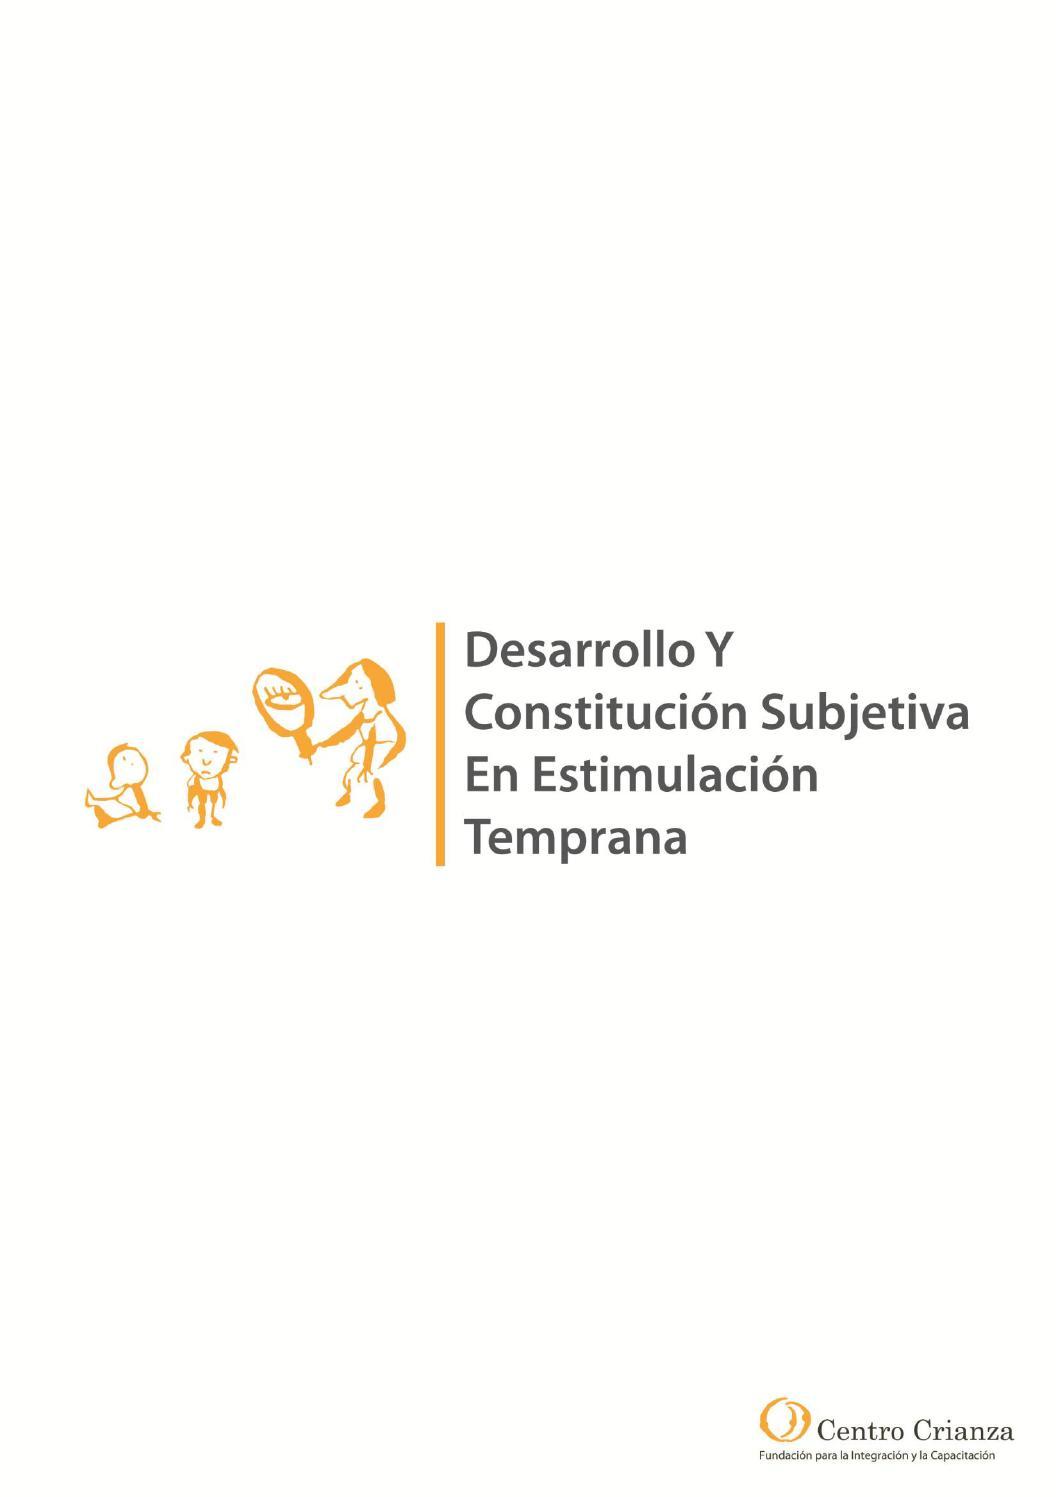 Desarrollo y Constitución Subjetiva by Centro Crianza Fundación - issuu